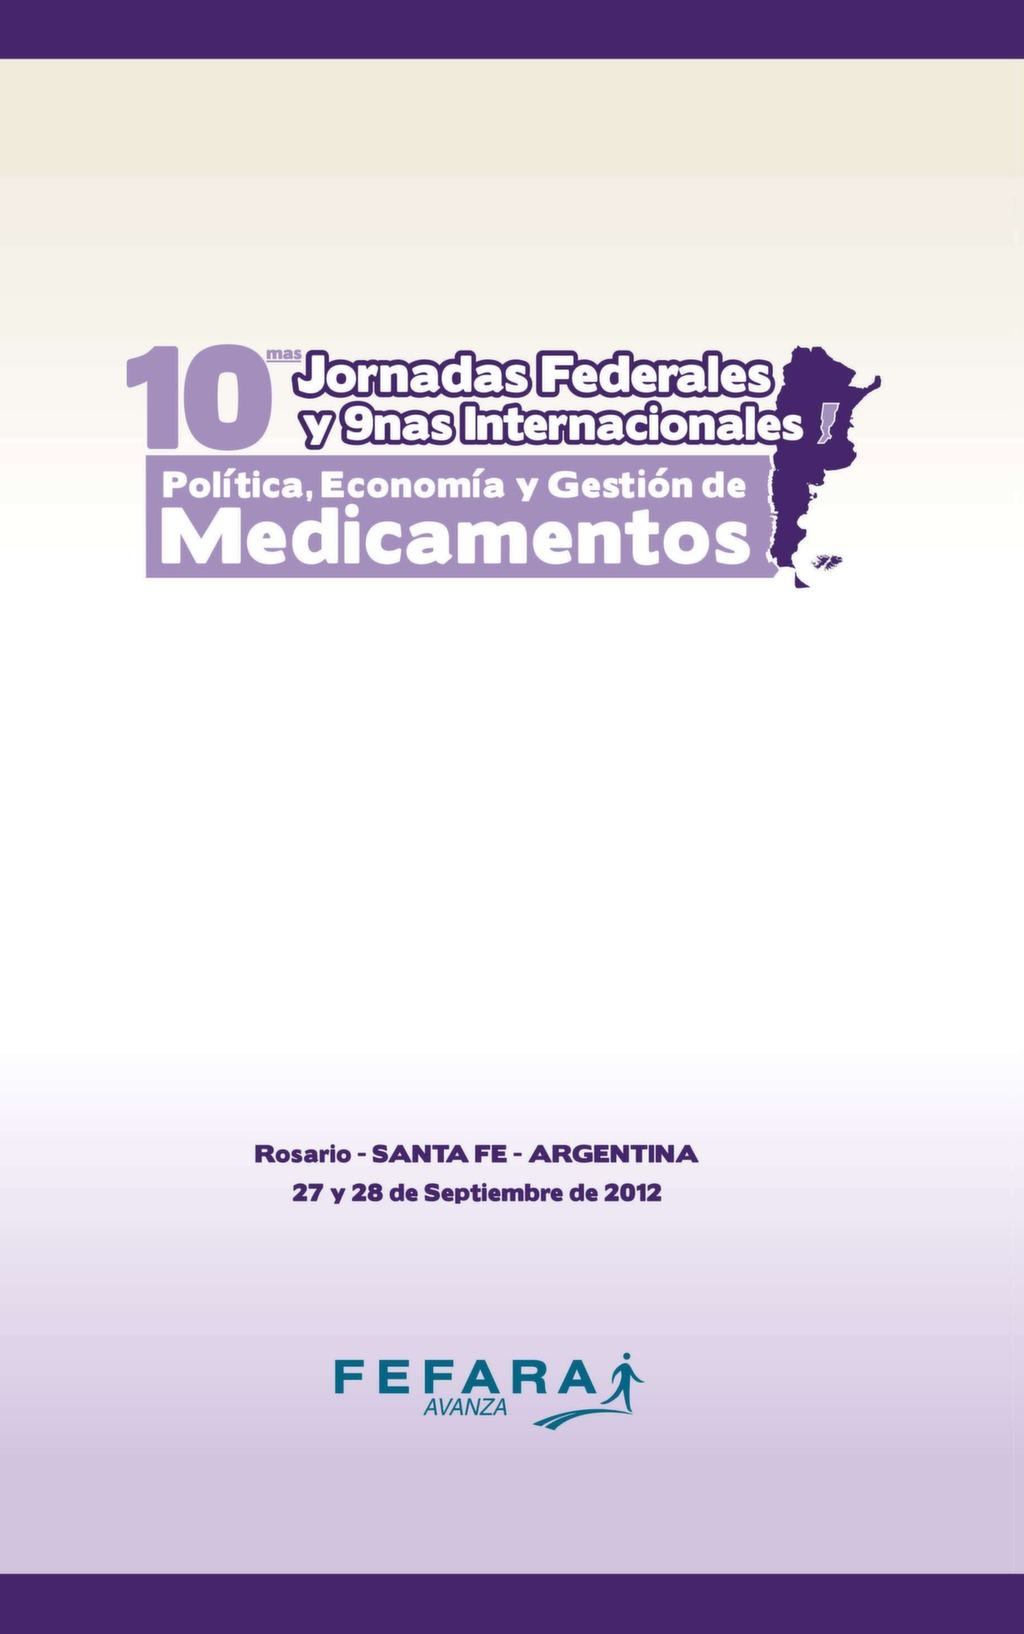 Jornadas año 2012 Image